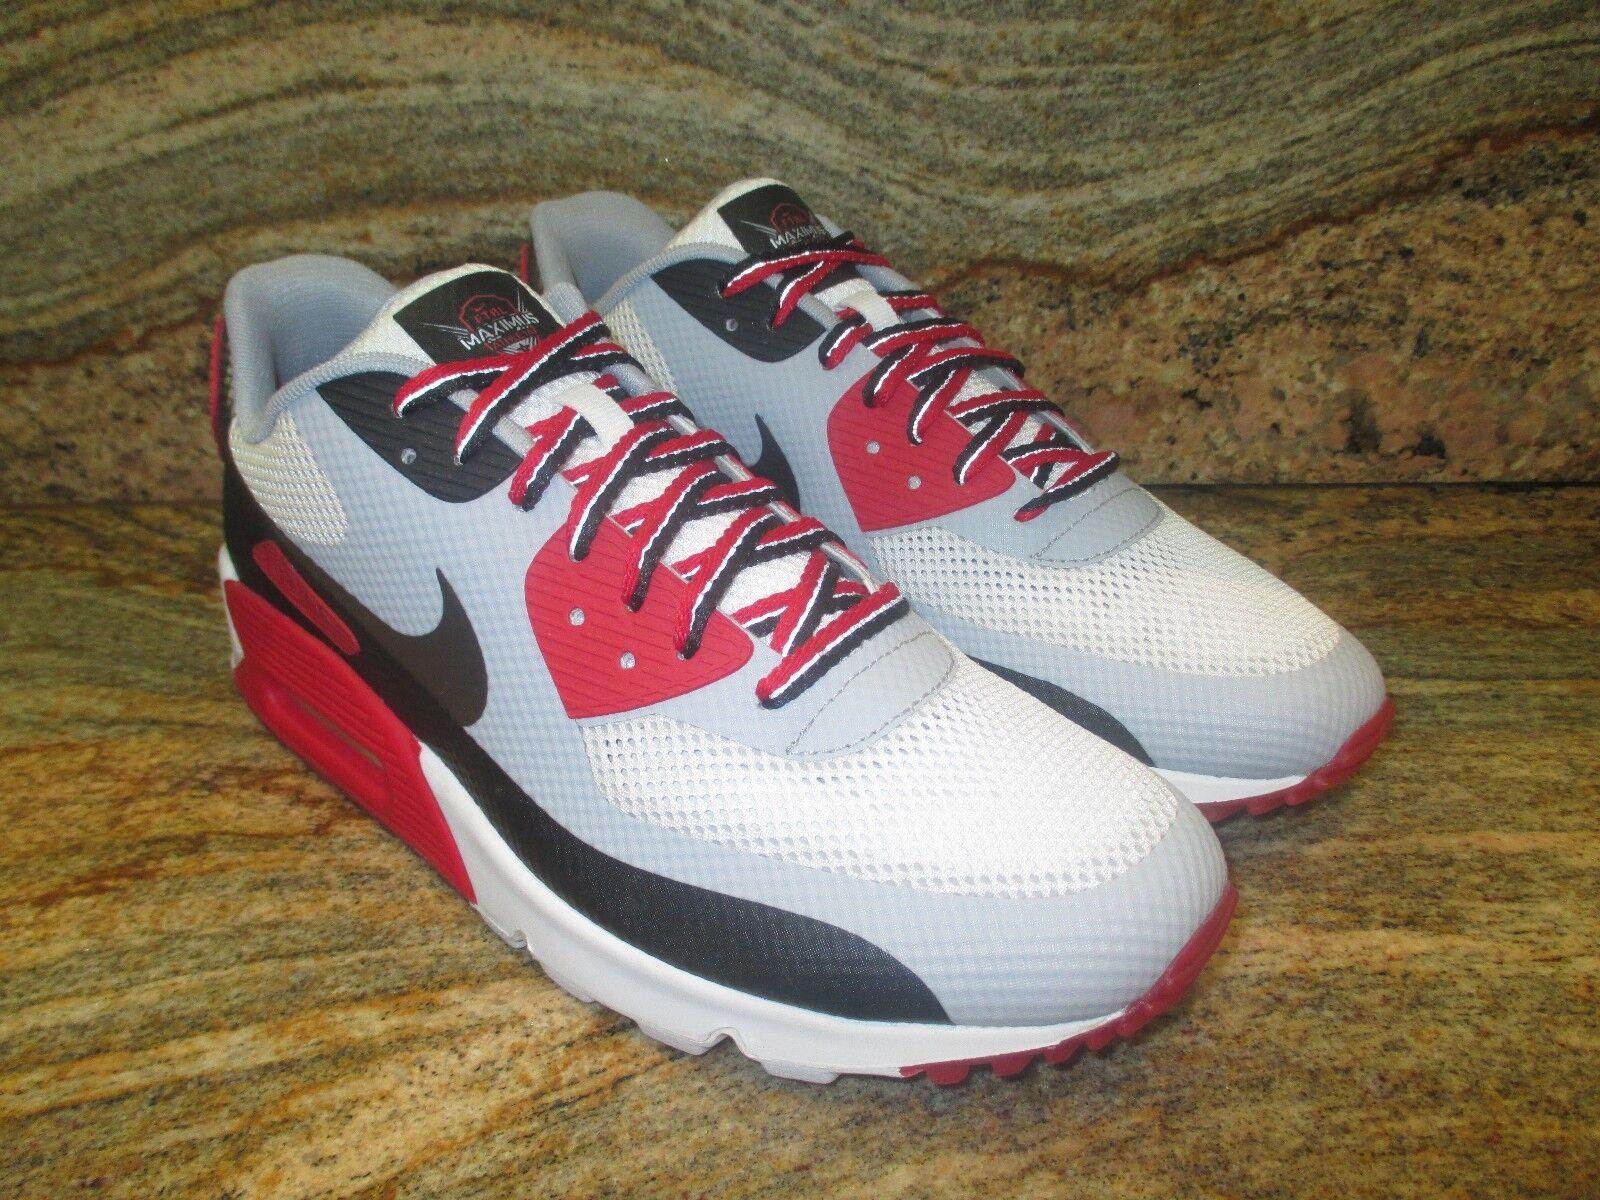 2012 Unreleased Nike Air Max 90 Premium Sample SZ 9 FTBL Maximus Athleta Promo